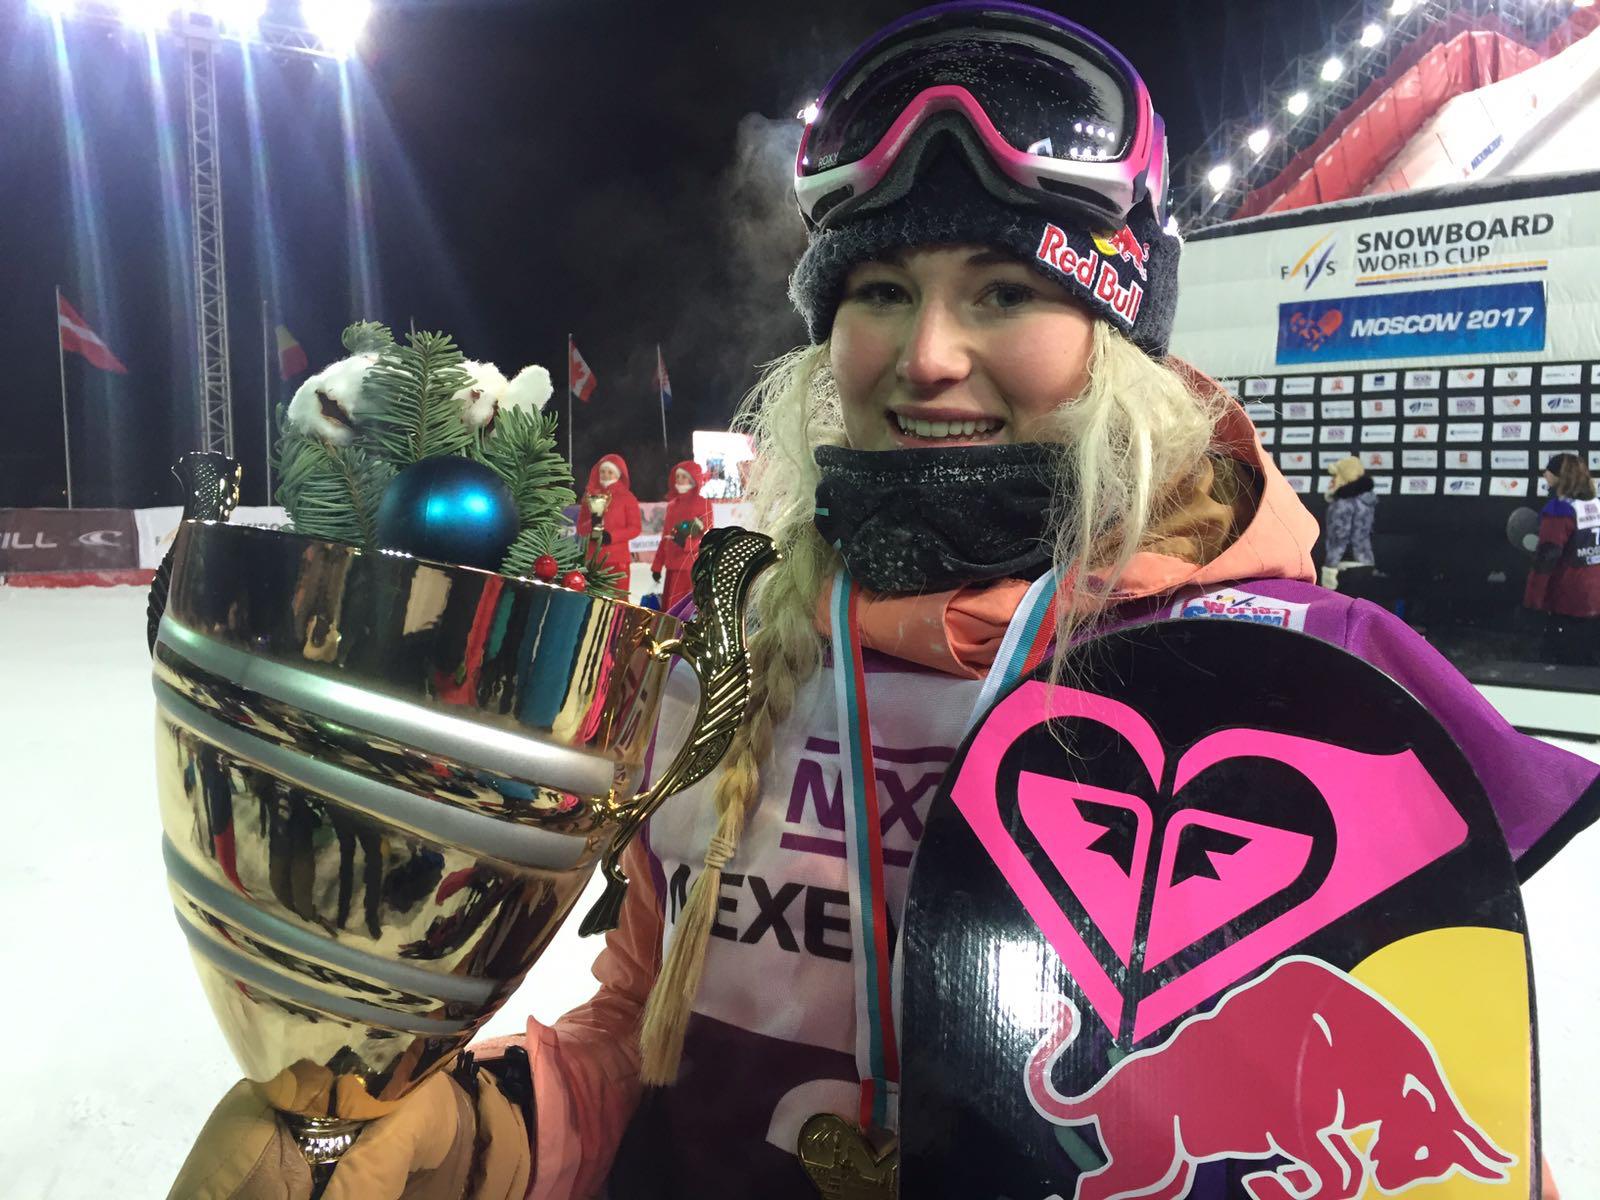 Katie Ormerod British snowboarder Wins again